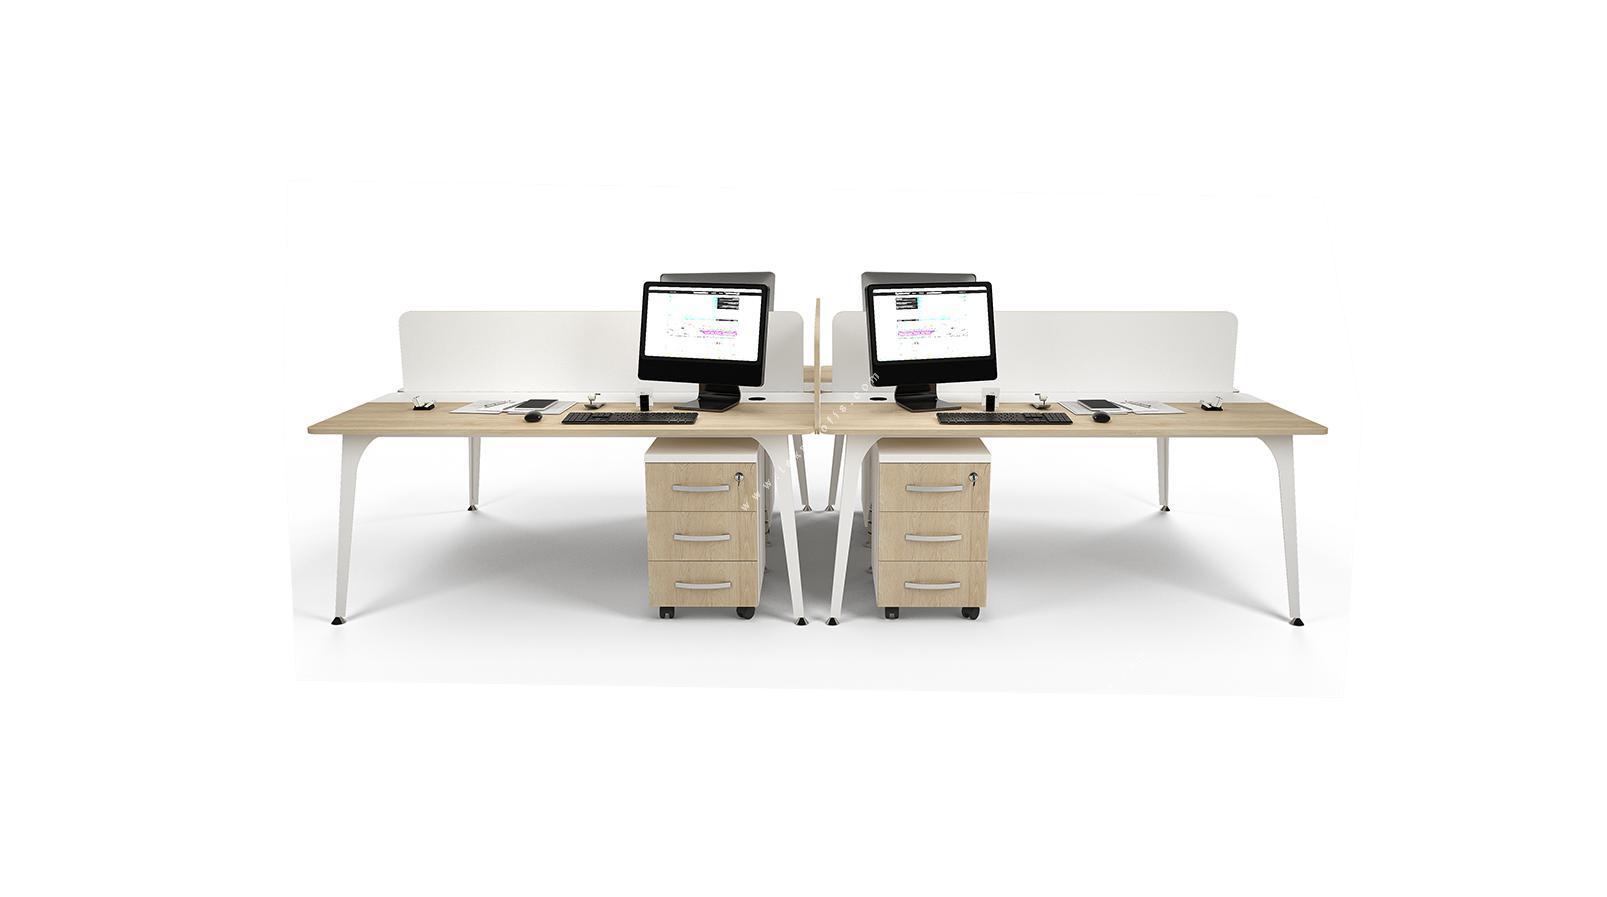 centrawork melamin seperatörlü dörtlü çalışma masası 360cm